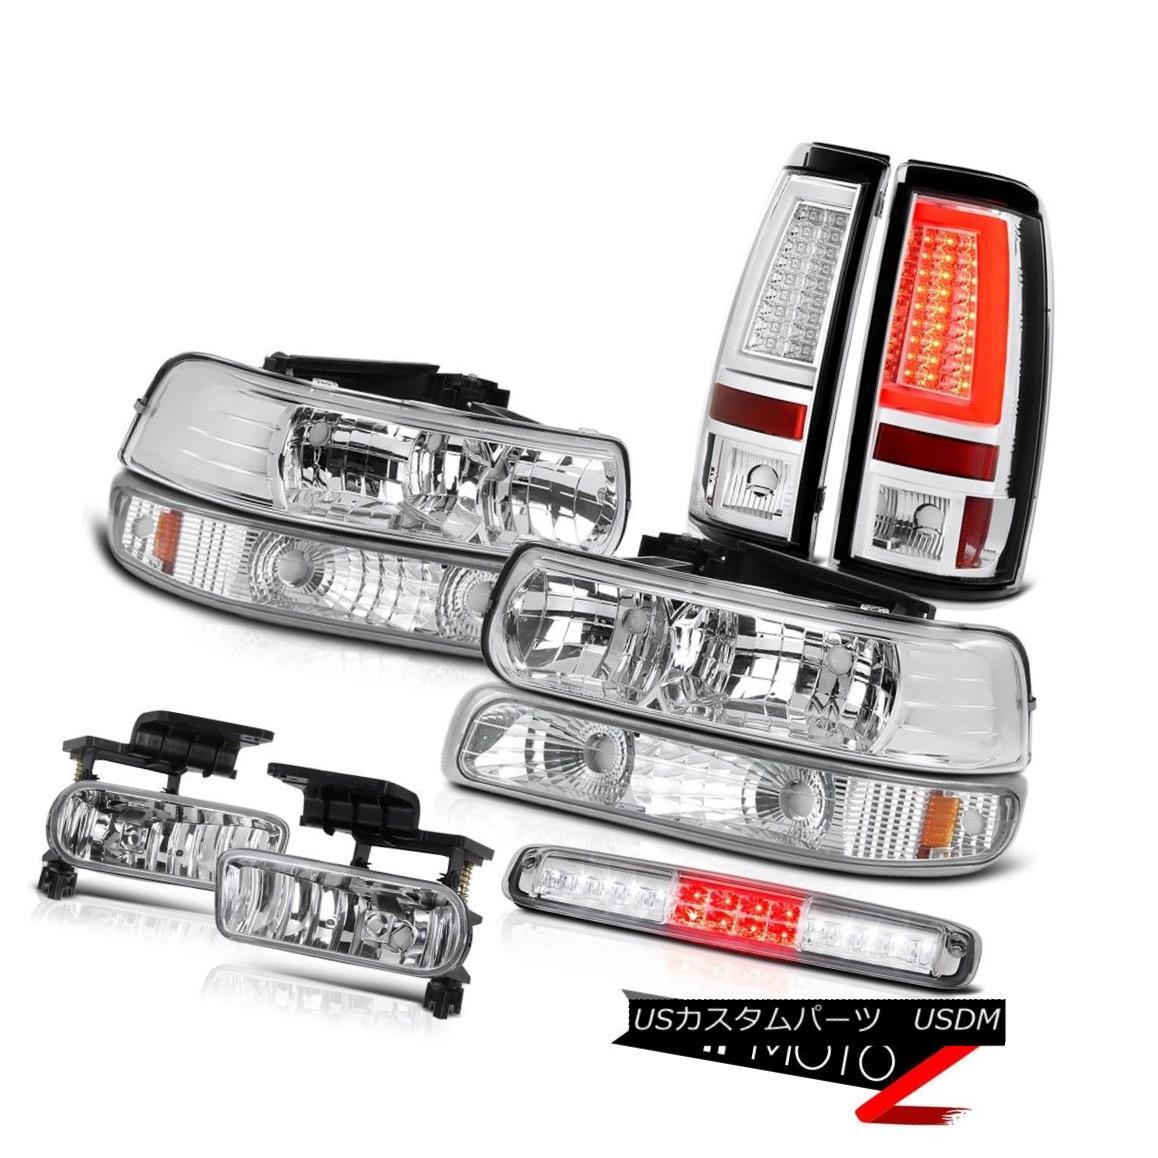 テールライト 99-02 Silverado Z71 Taillights Bumper Light Headlamps 3rd Brake Lamp Fog Lights 99-02 Silverado Z71テールライトバンパーライトヘッドランプ第3ブレーキランプフォグライト